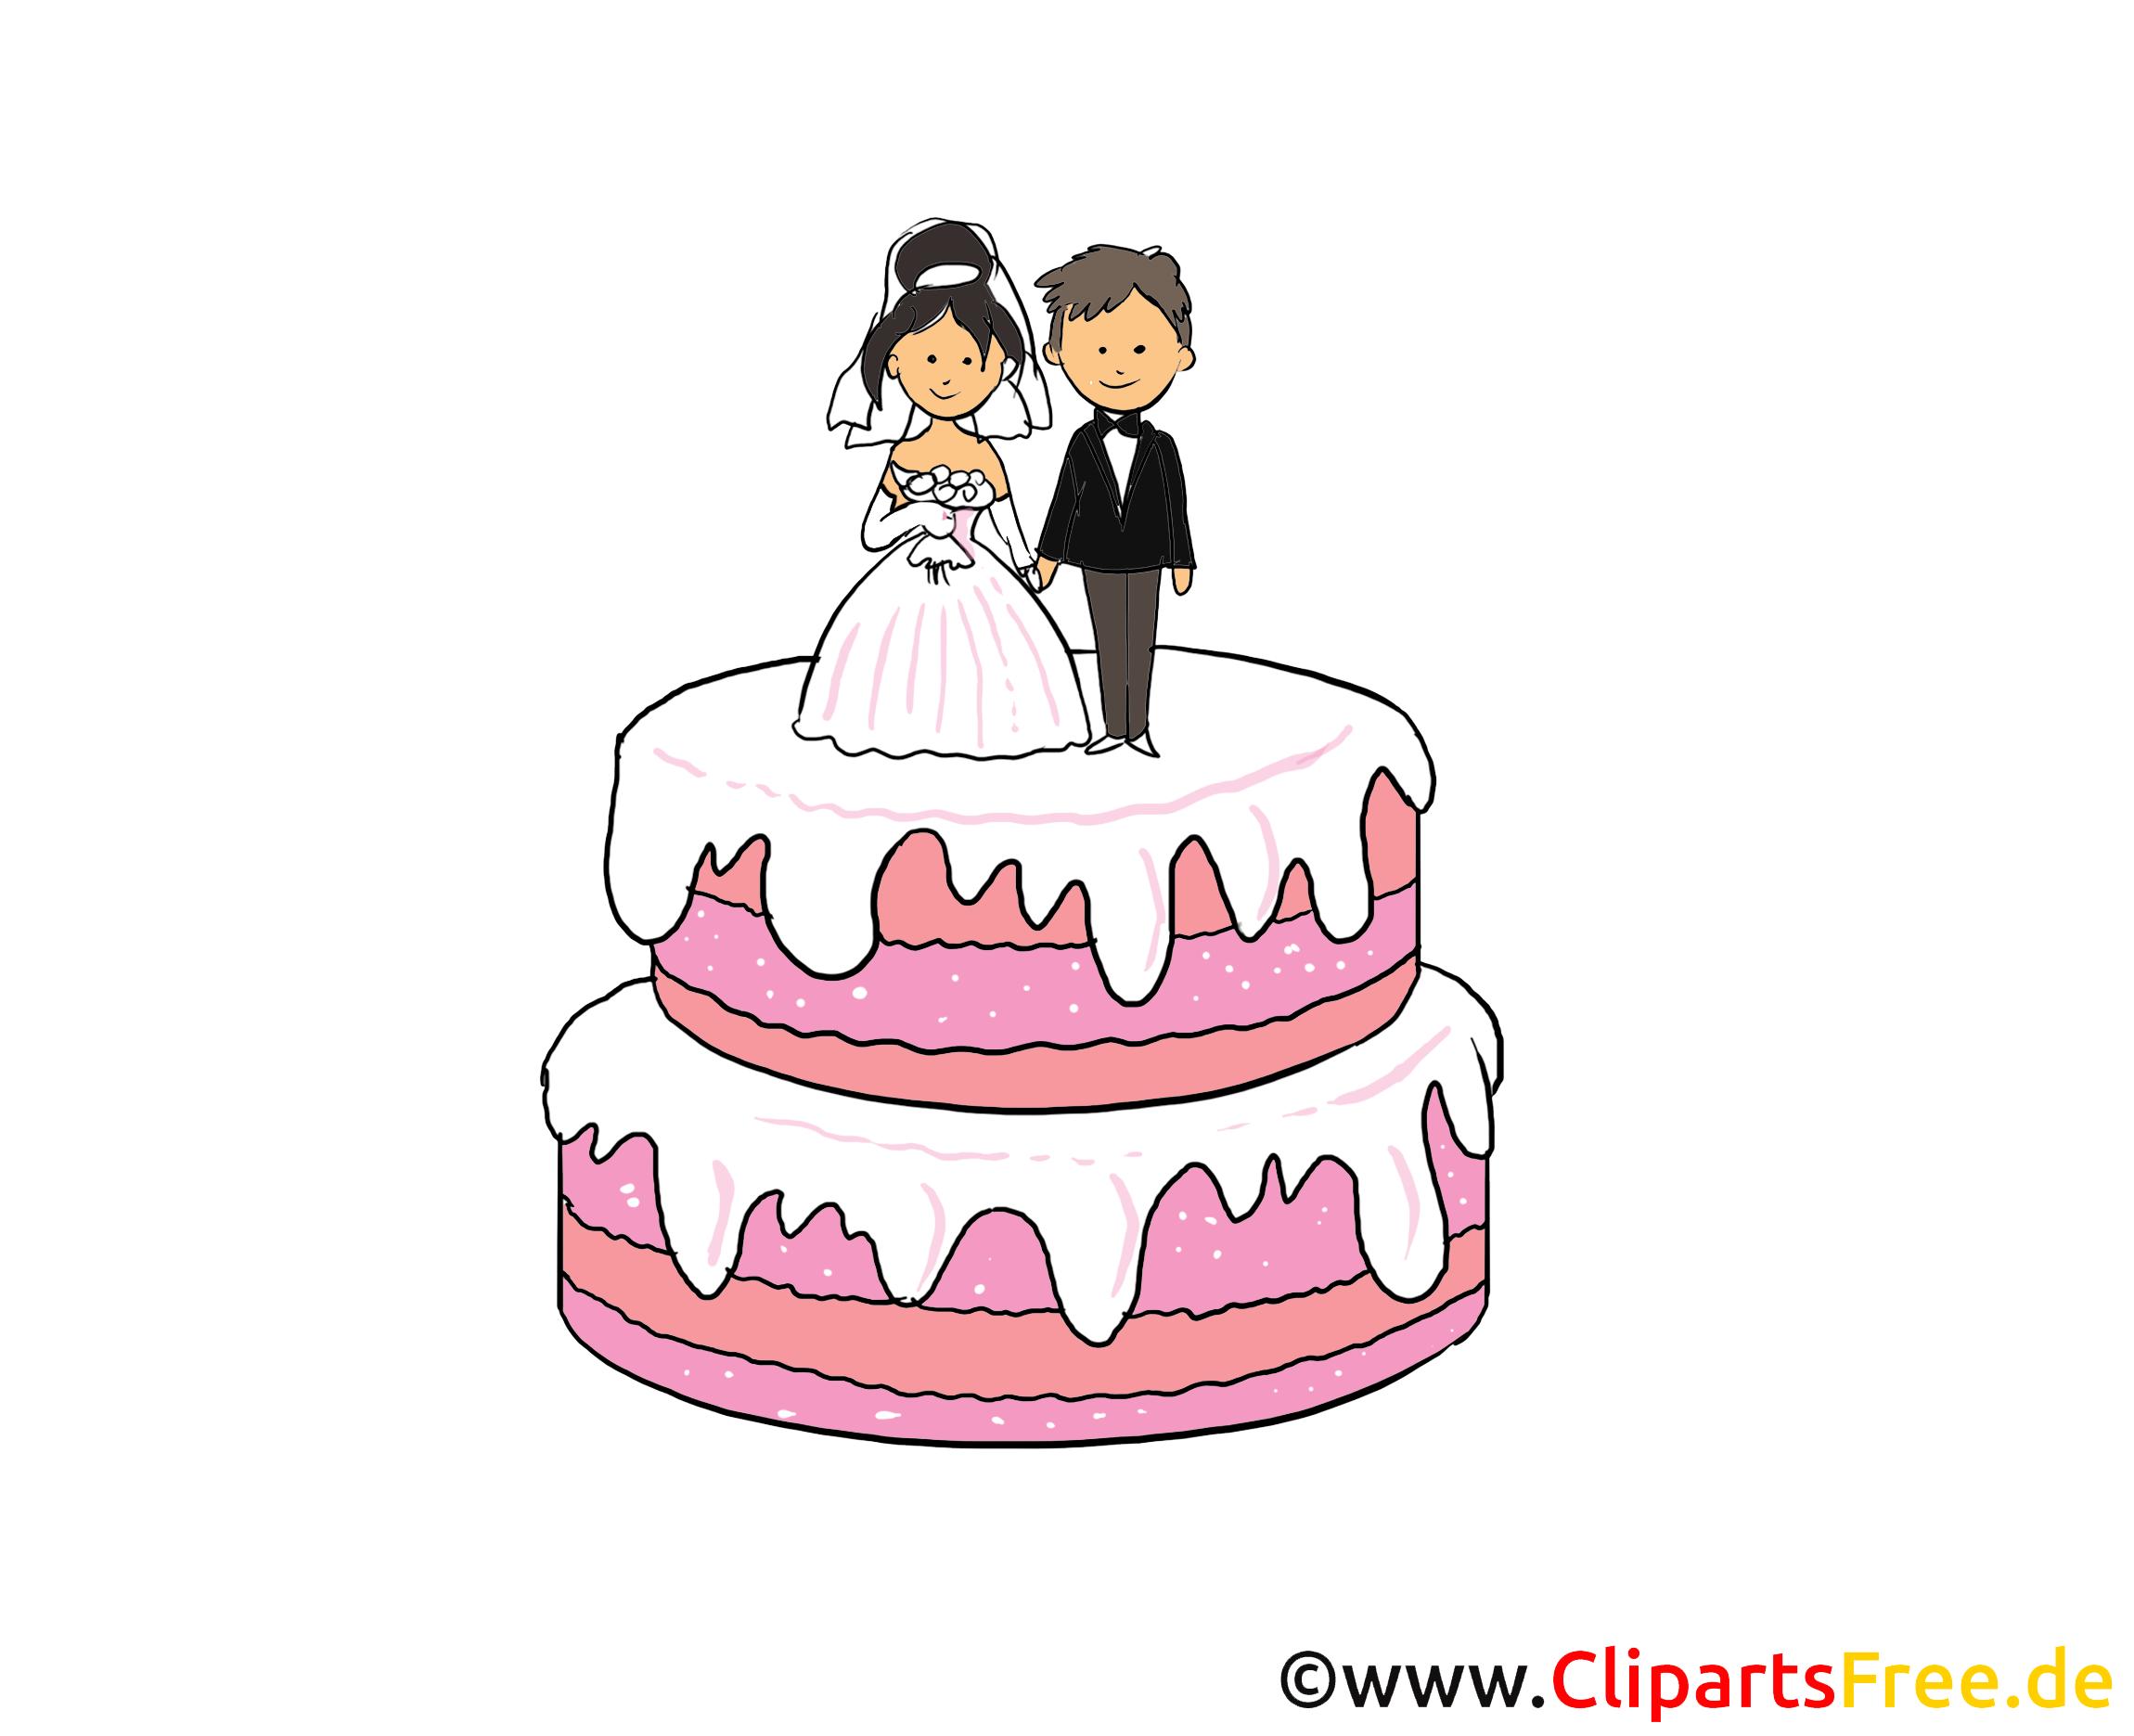 Image à télécharger gâteau - Mariage clipart